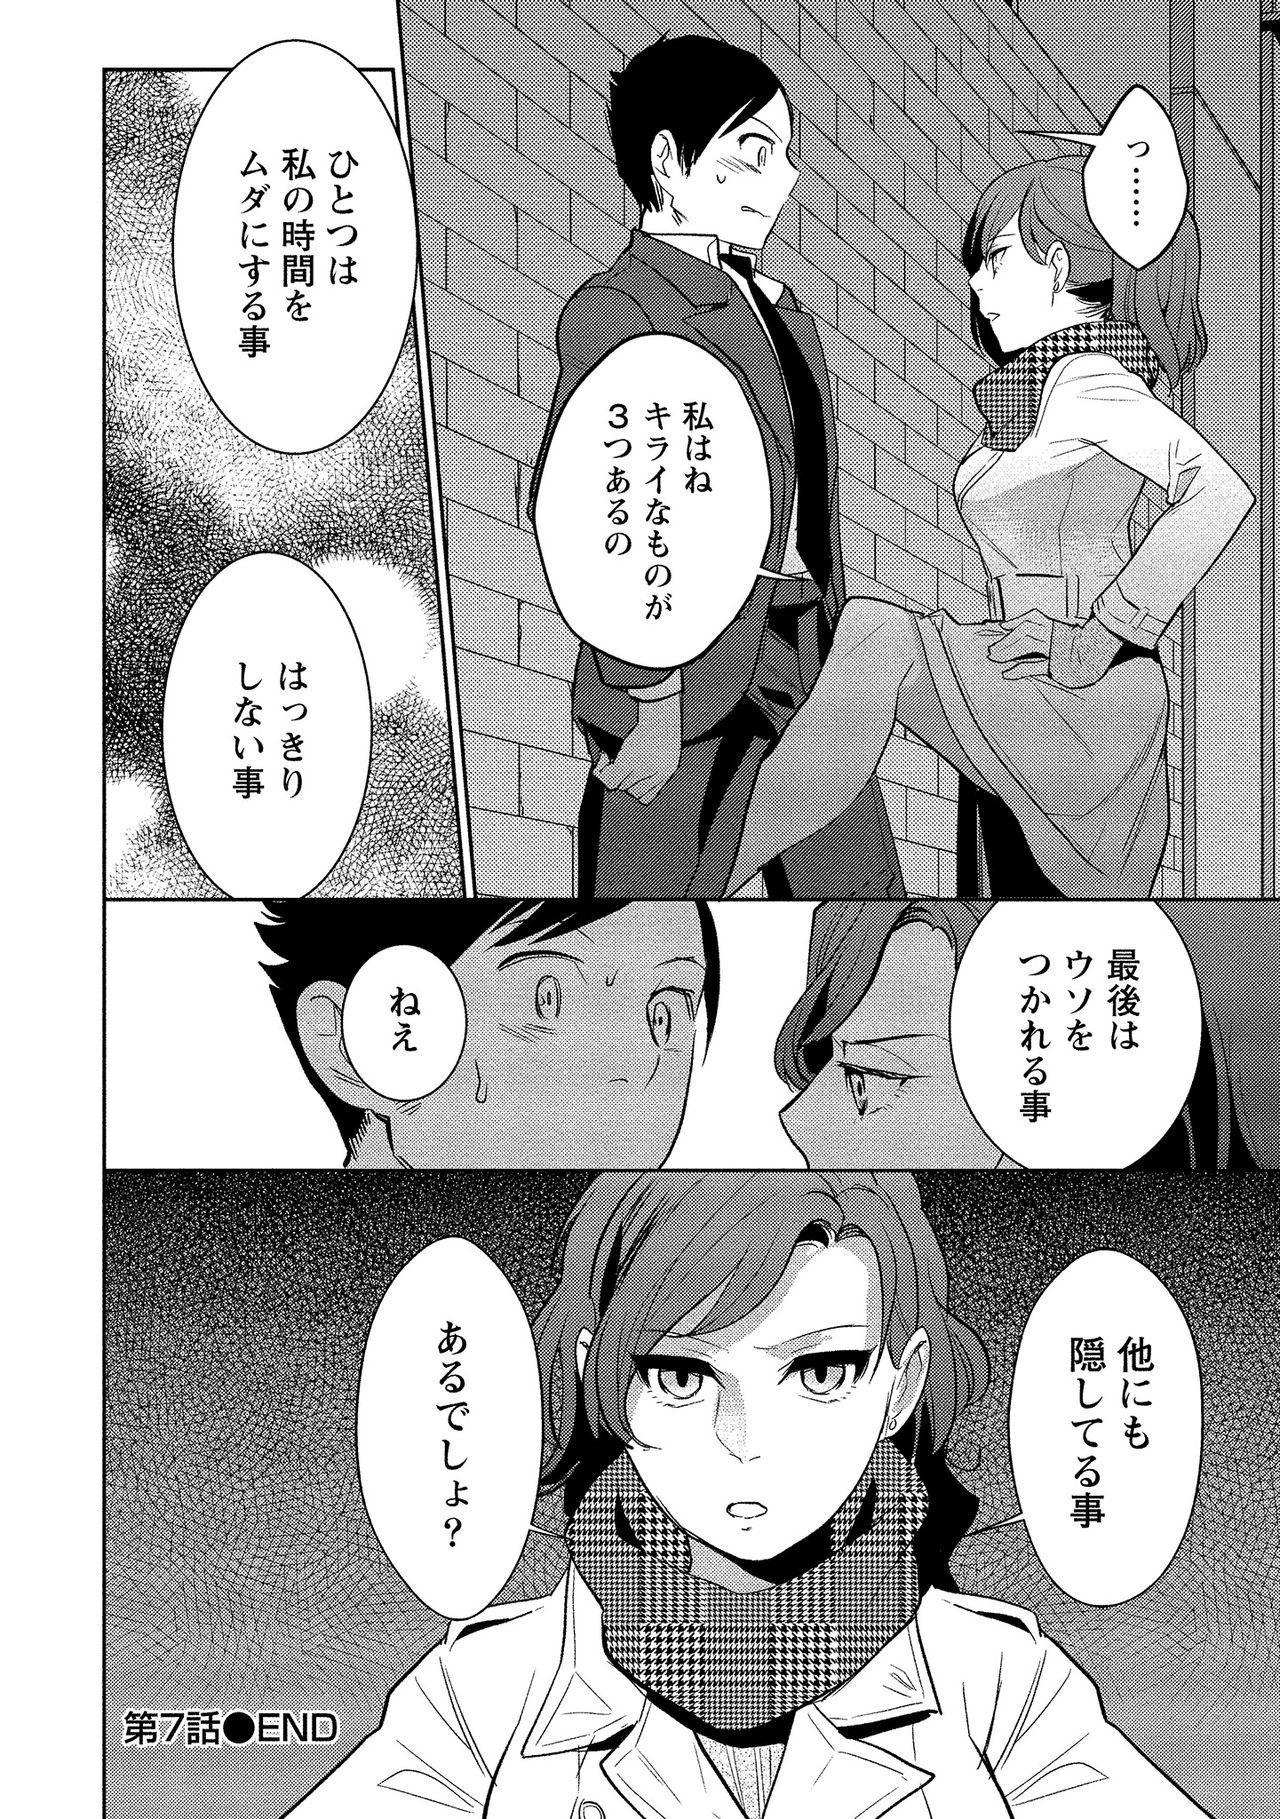 Dorobou Neko wa Kanojo no Hajimari 172